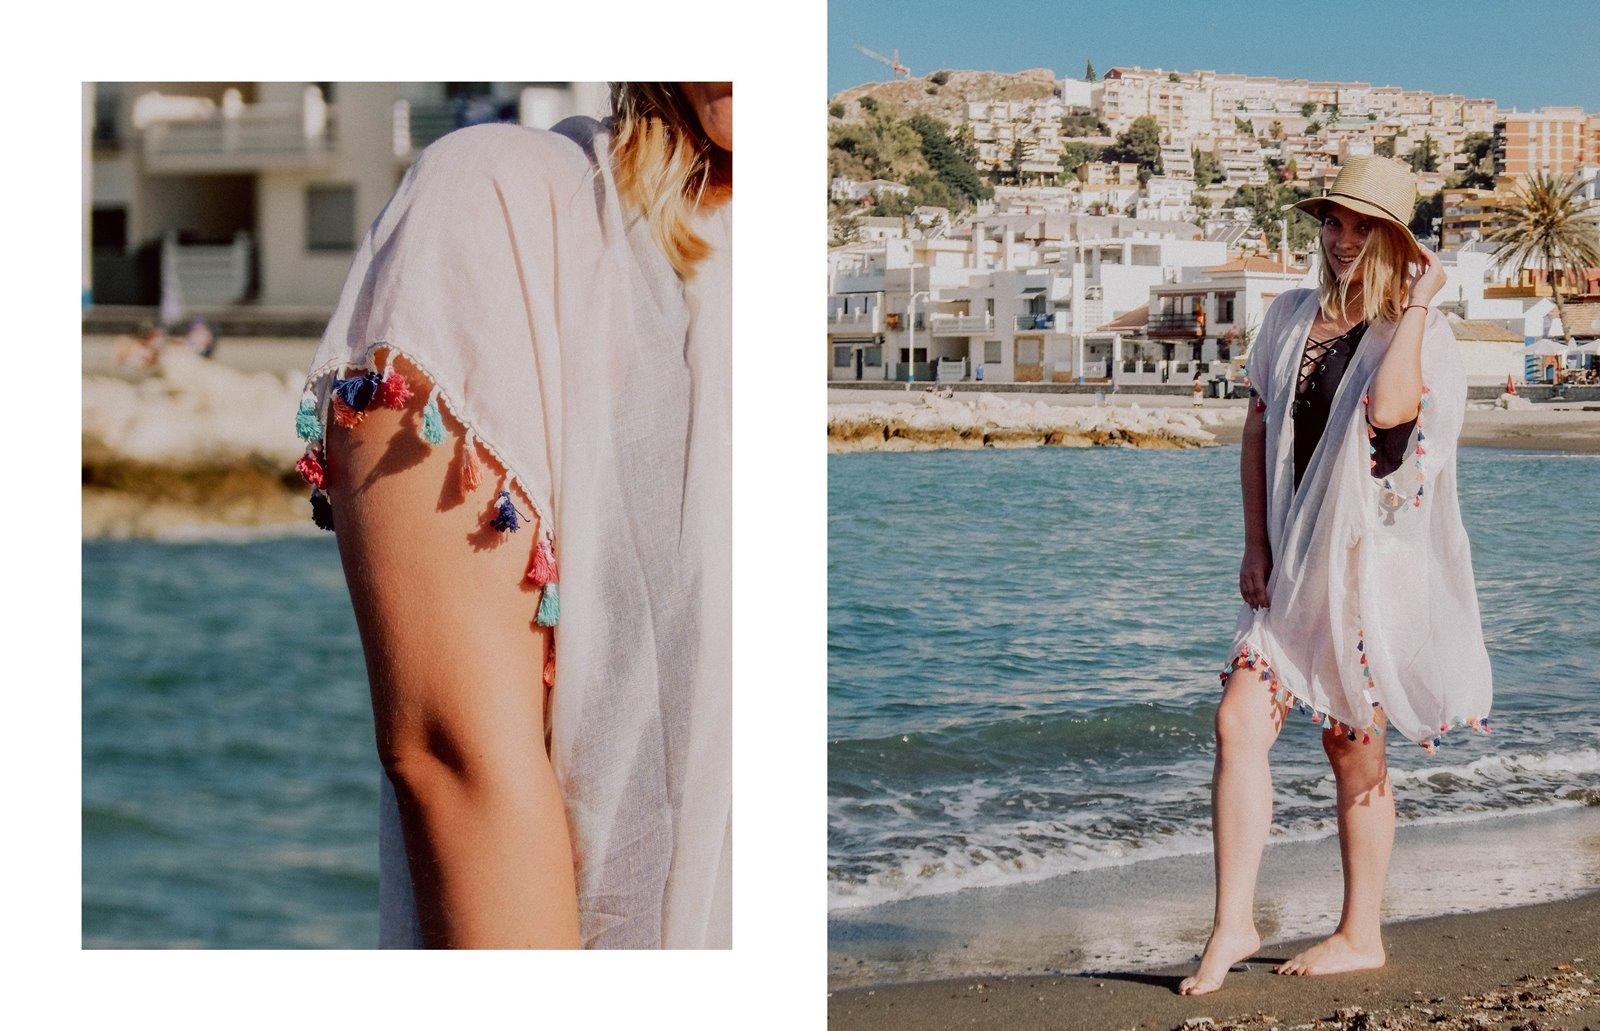 2A szaleo wakacje w maladze malaga jak spędzić wakacje co zobaczyć stylizacja na plaże pareo składany kapelusz słomkowy modne dodatki na wakacje na plażę z frędzlami z pomponami hiszpania polski kraj język ceny outfit